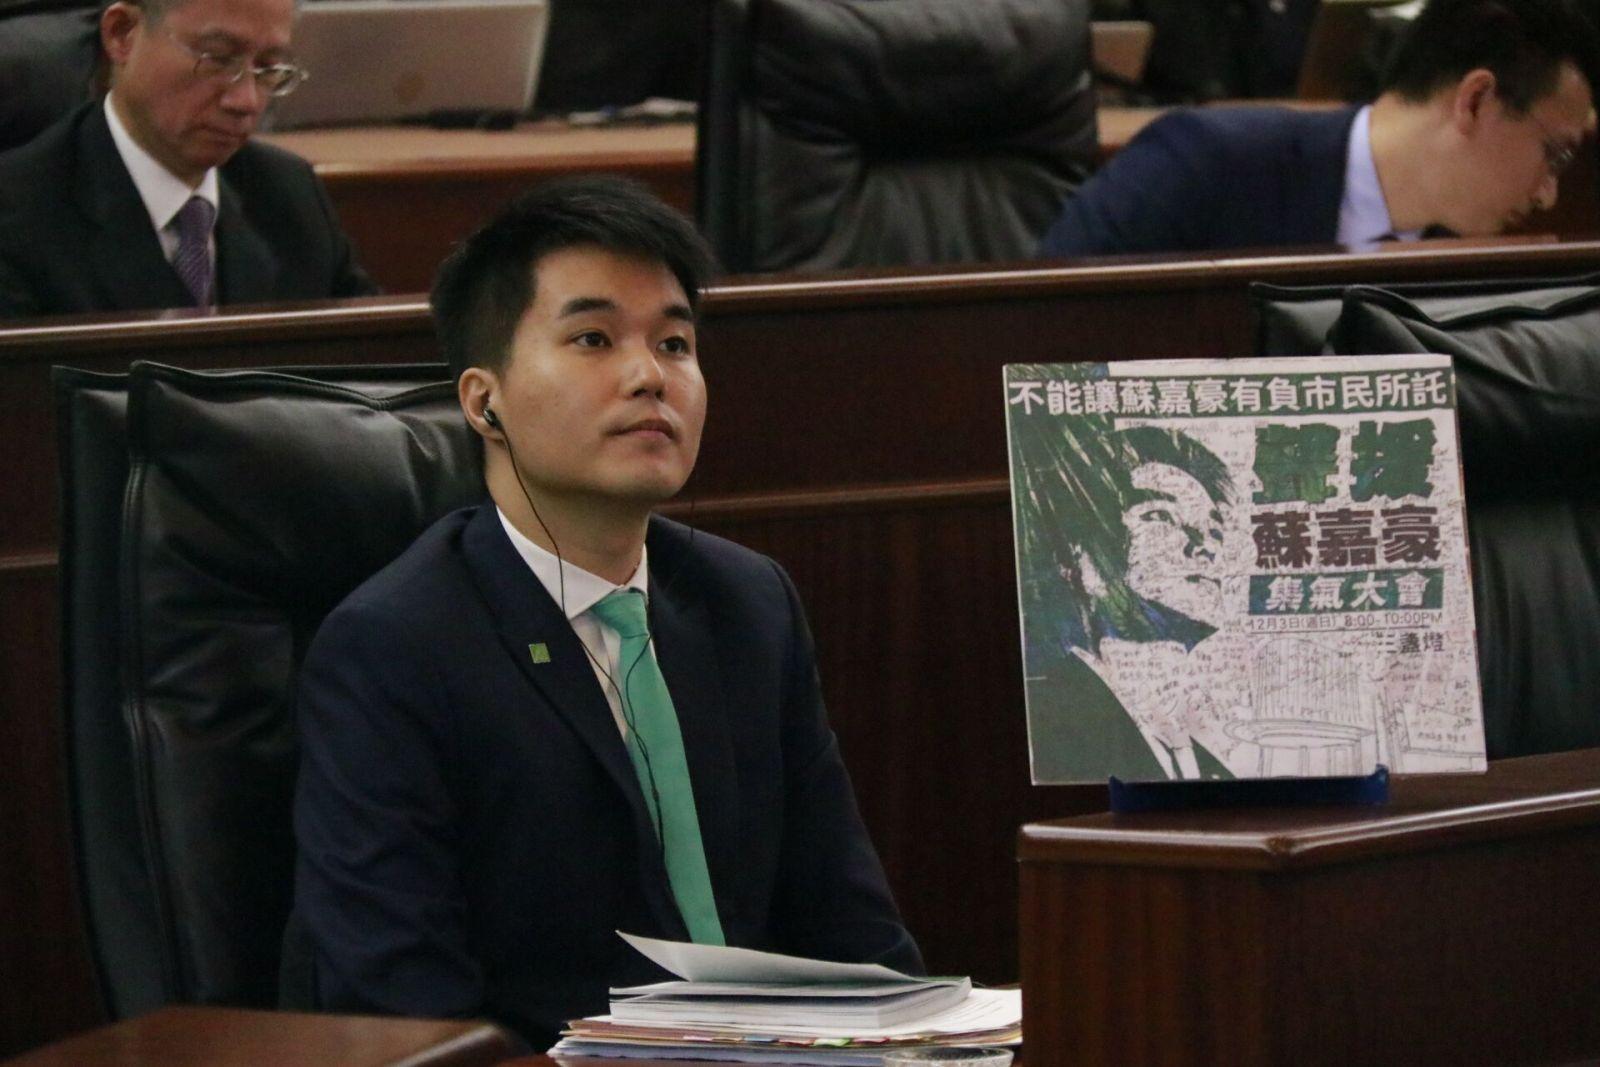 有片!立法會表決中止蘇嘉豪議員職務